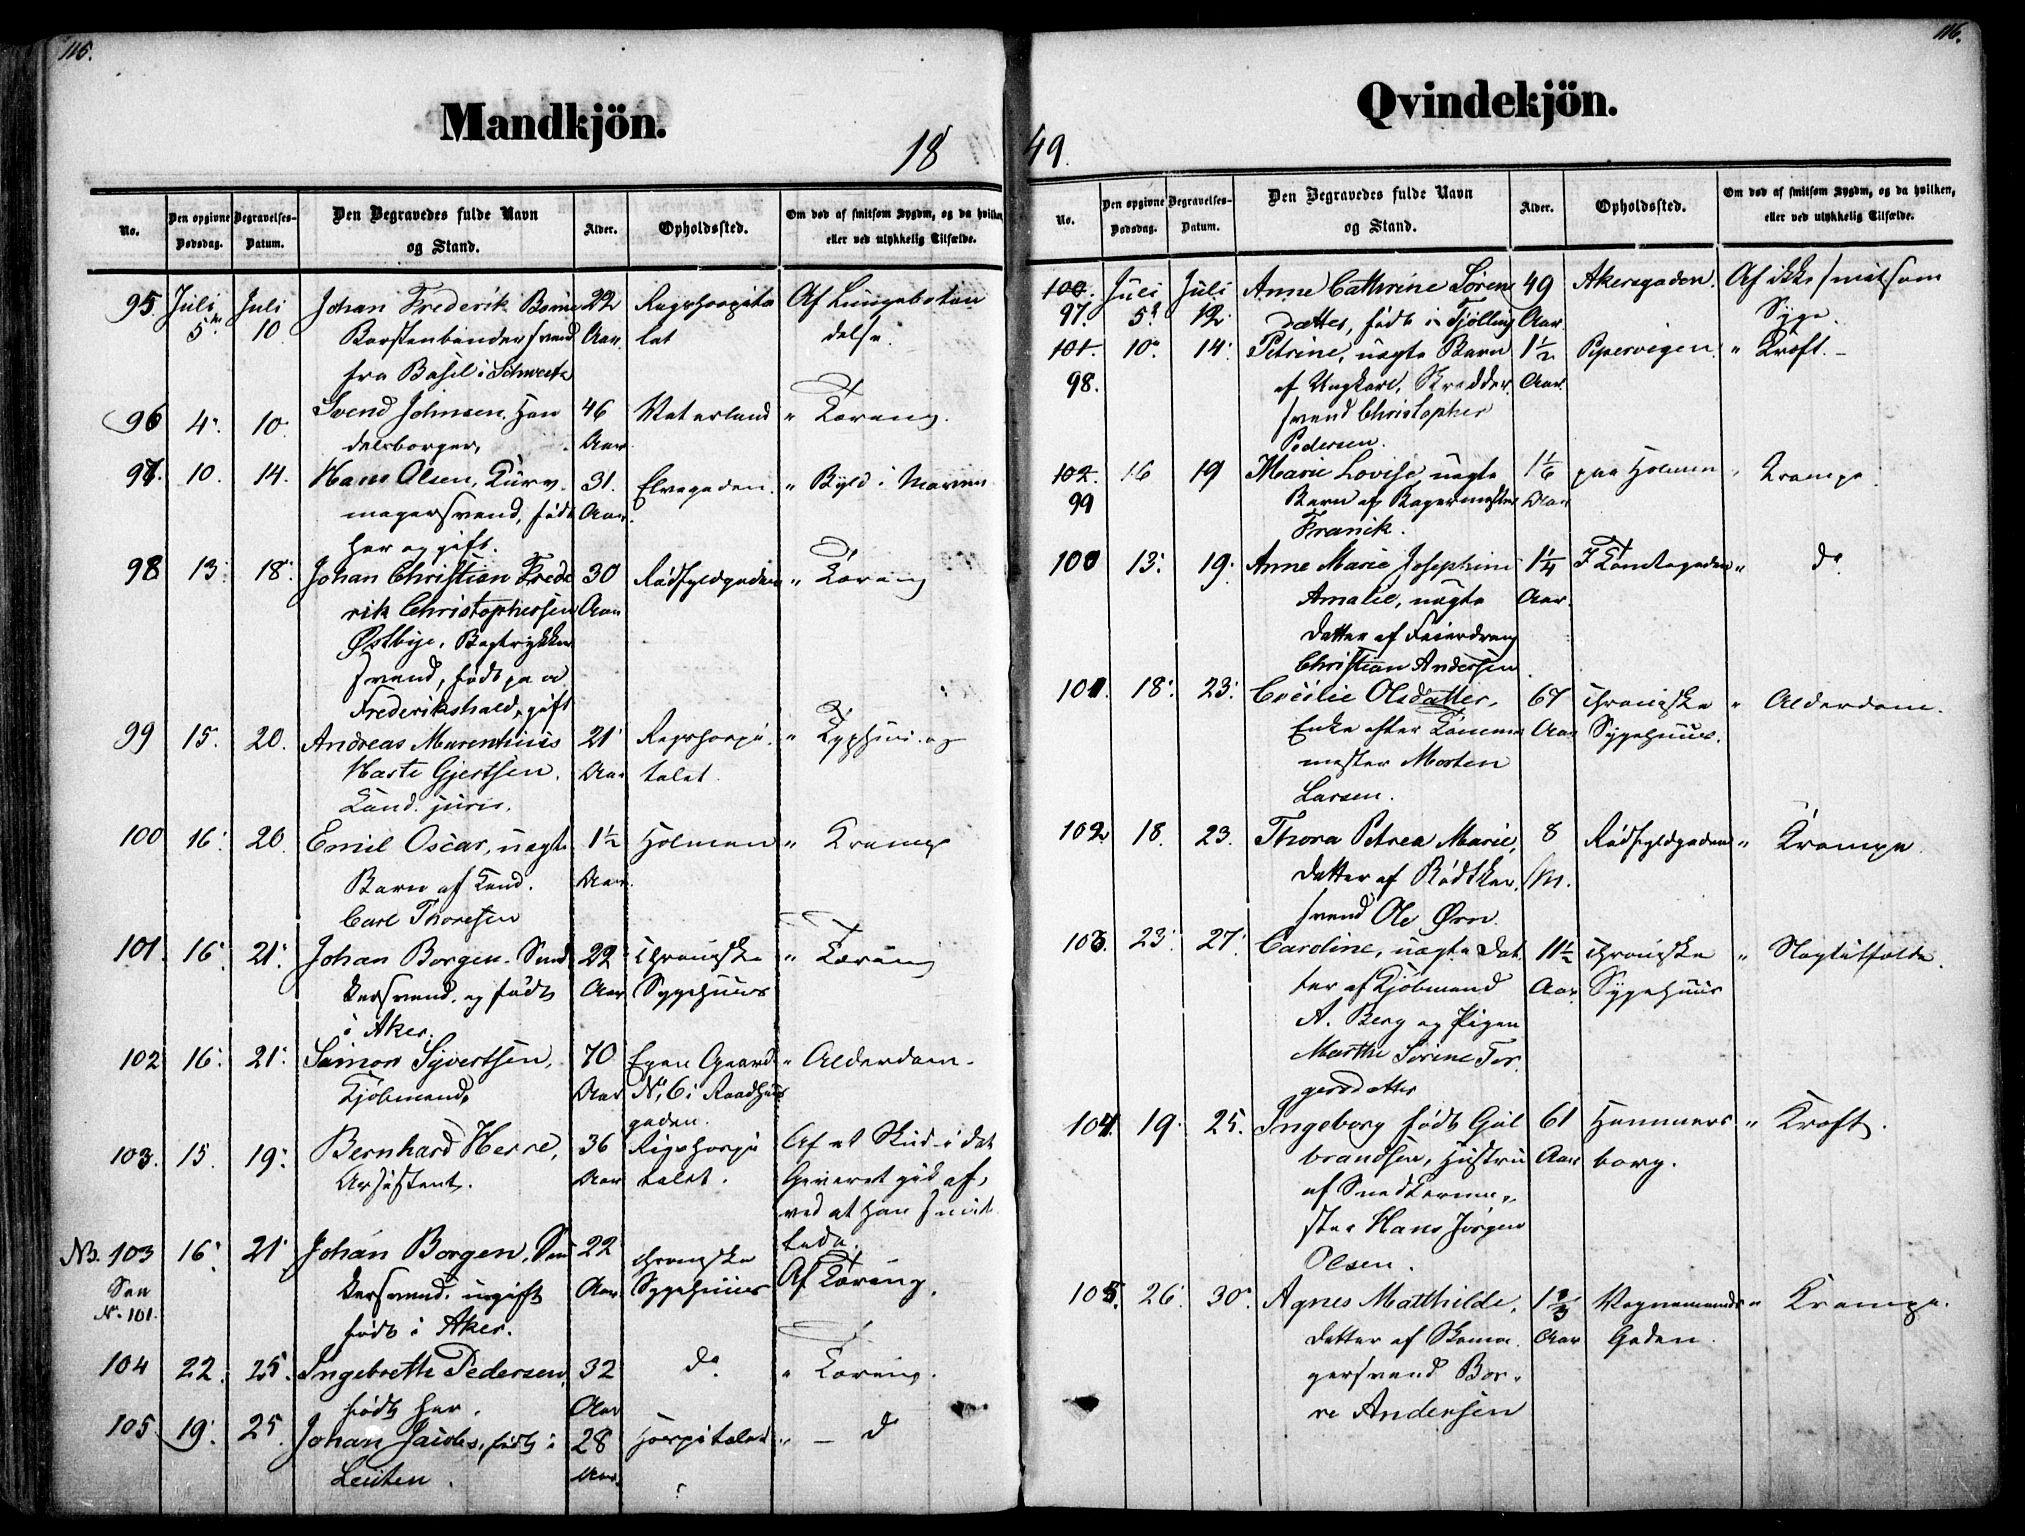 SAO, Oslo domkirke Kirkebøker, F/Fa/L0025: Ministerialbok nr. 25, 1847-1867, s. 115-116